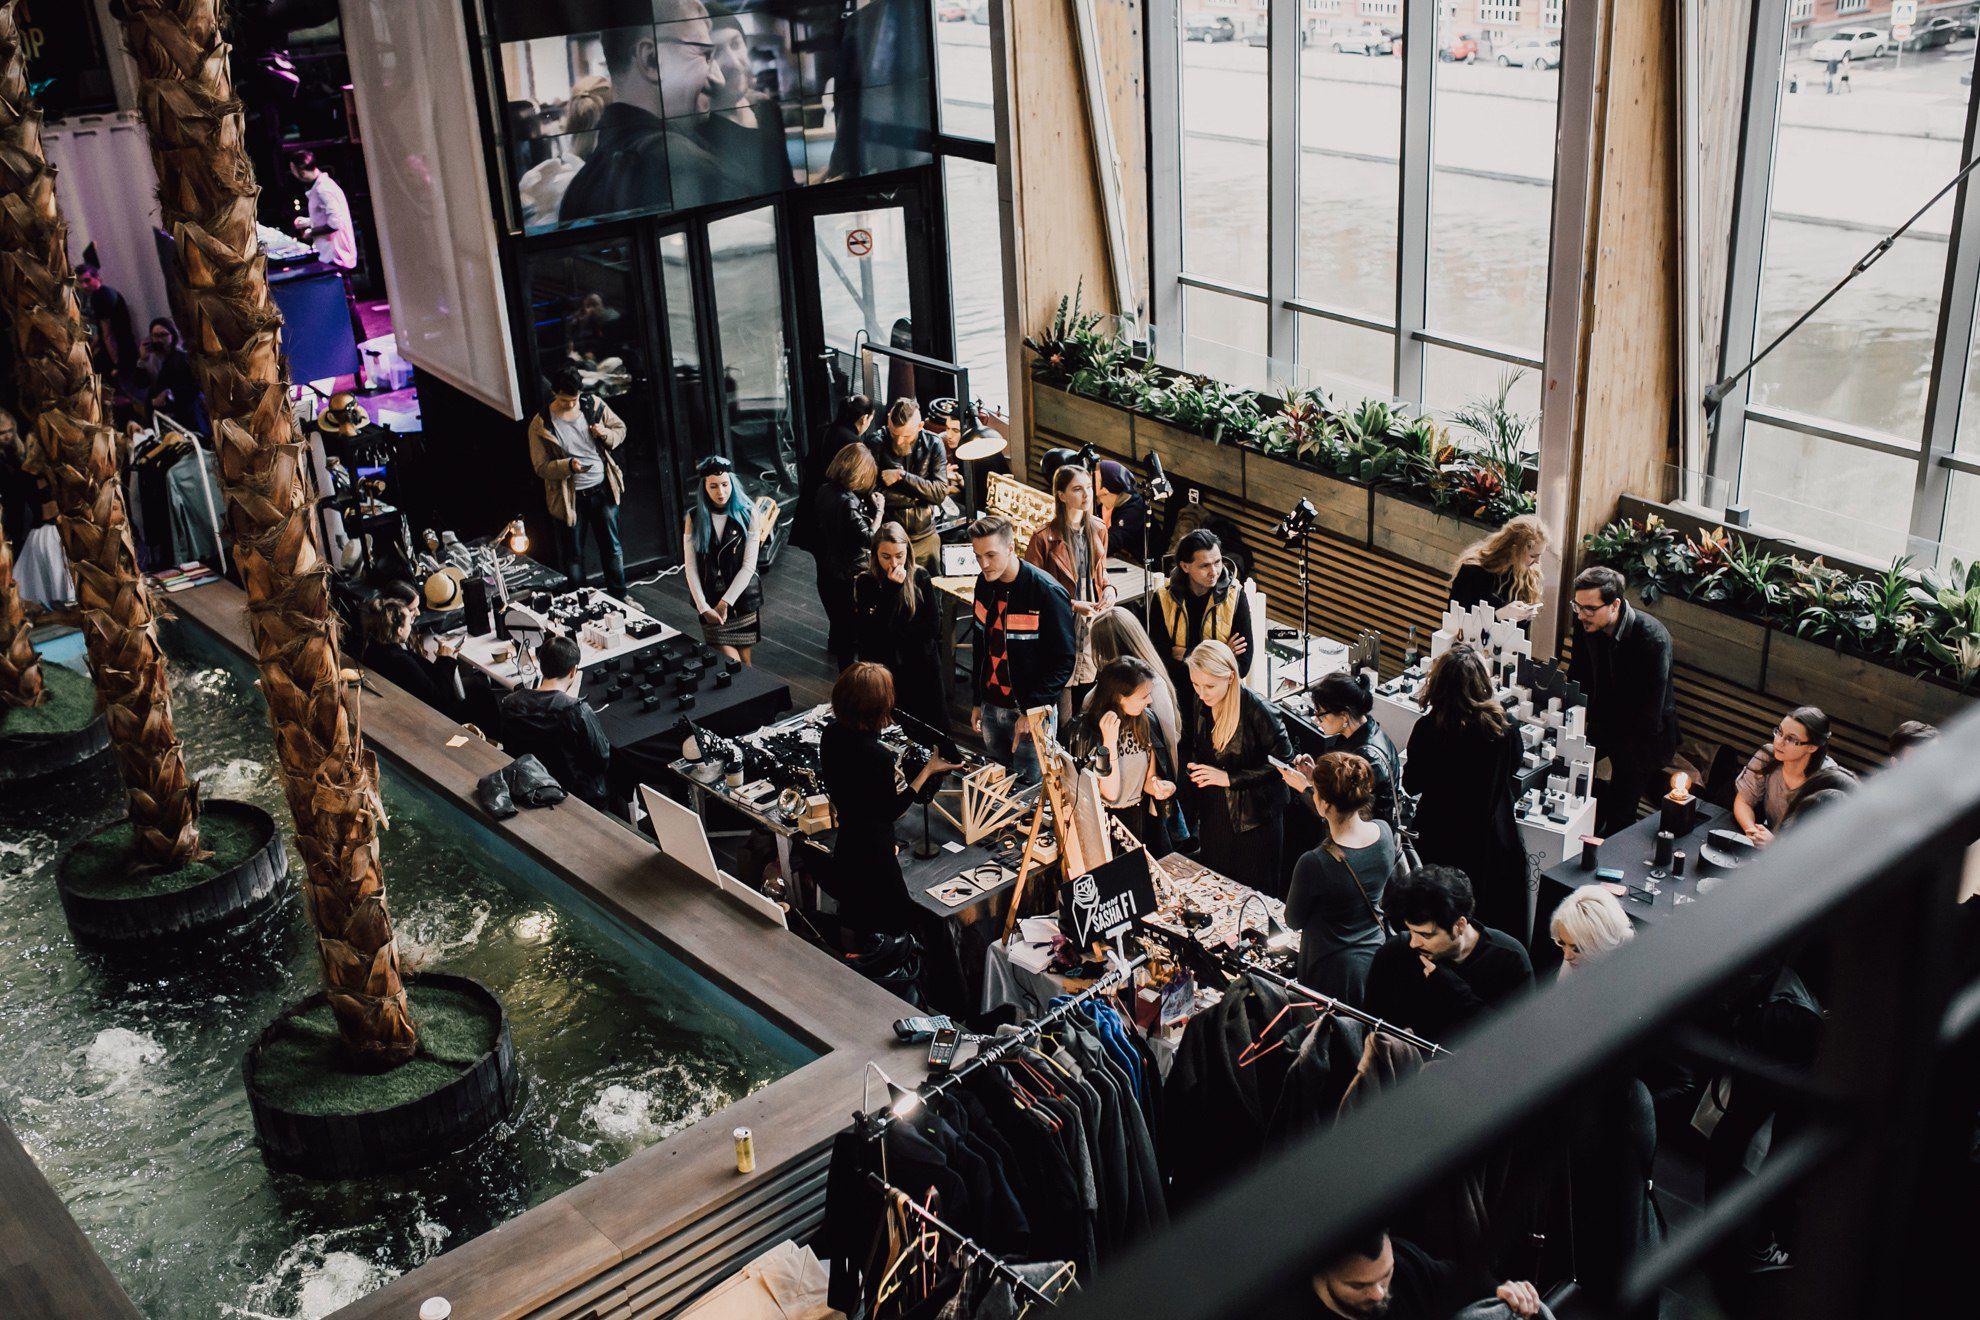 Фестиваль альтернативной моды и дизайна Concept Market фото 4